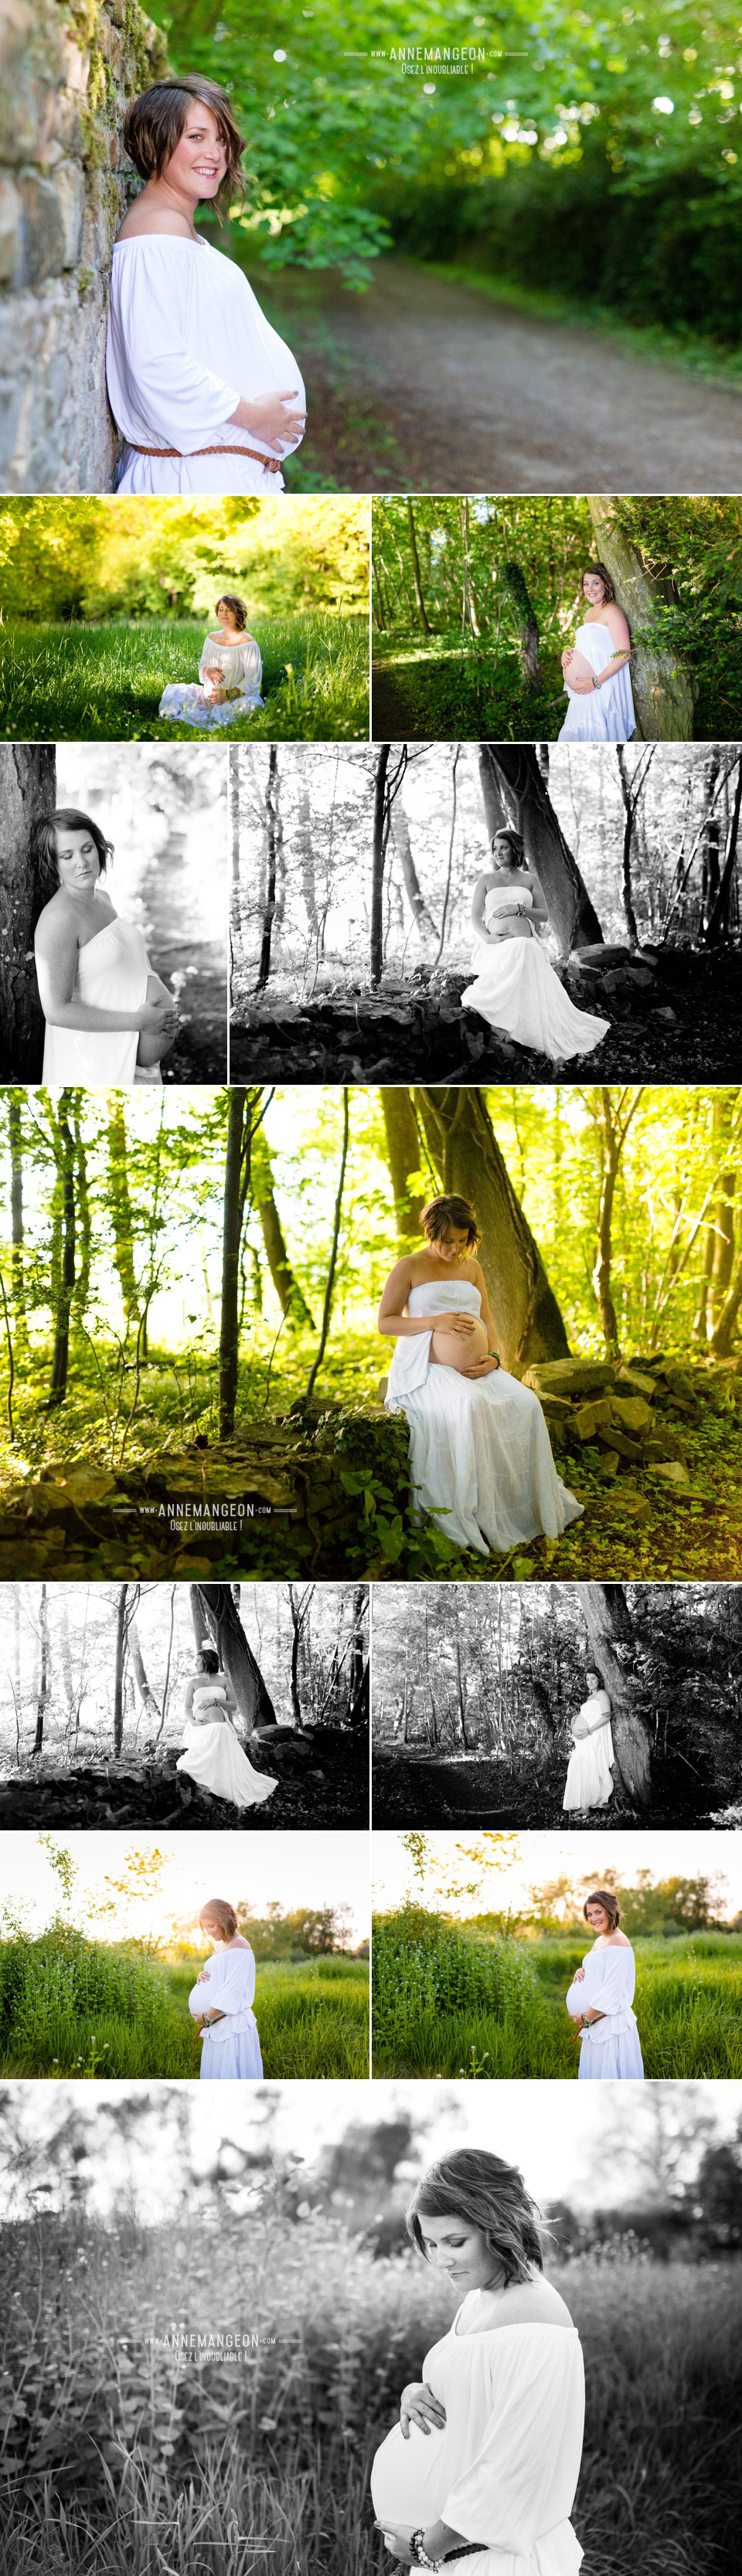 Séance grossesse maternité originale nature @ Anne Mangeon Photographe_01